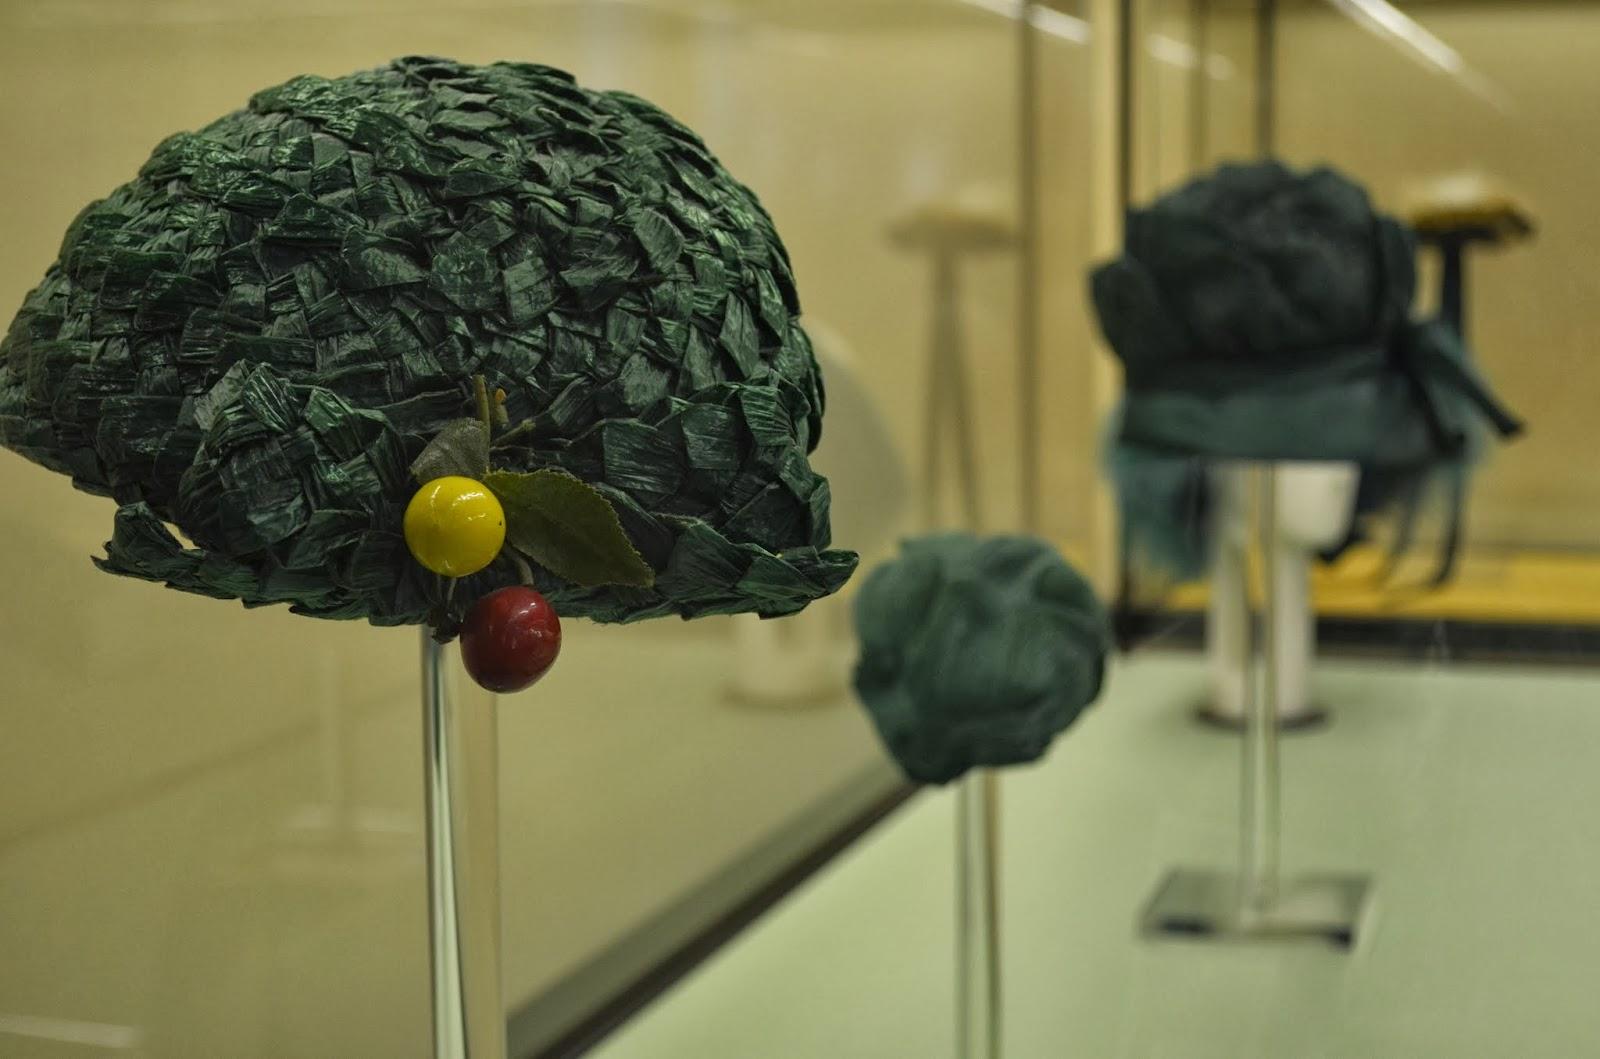 Renato coiffeur firenze mostra monografica il cappello for Palazzo pitti orari